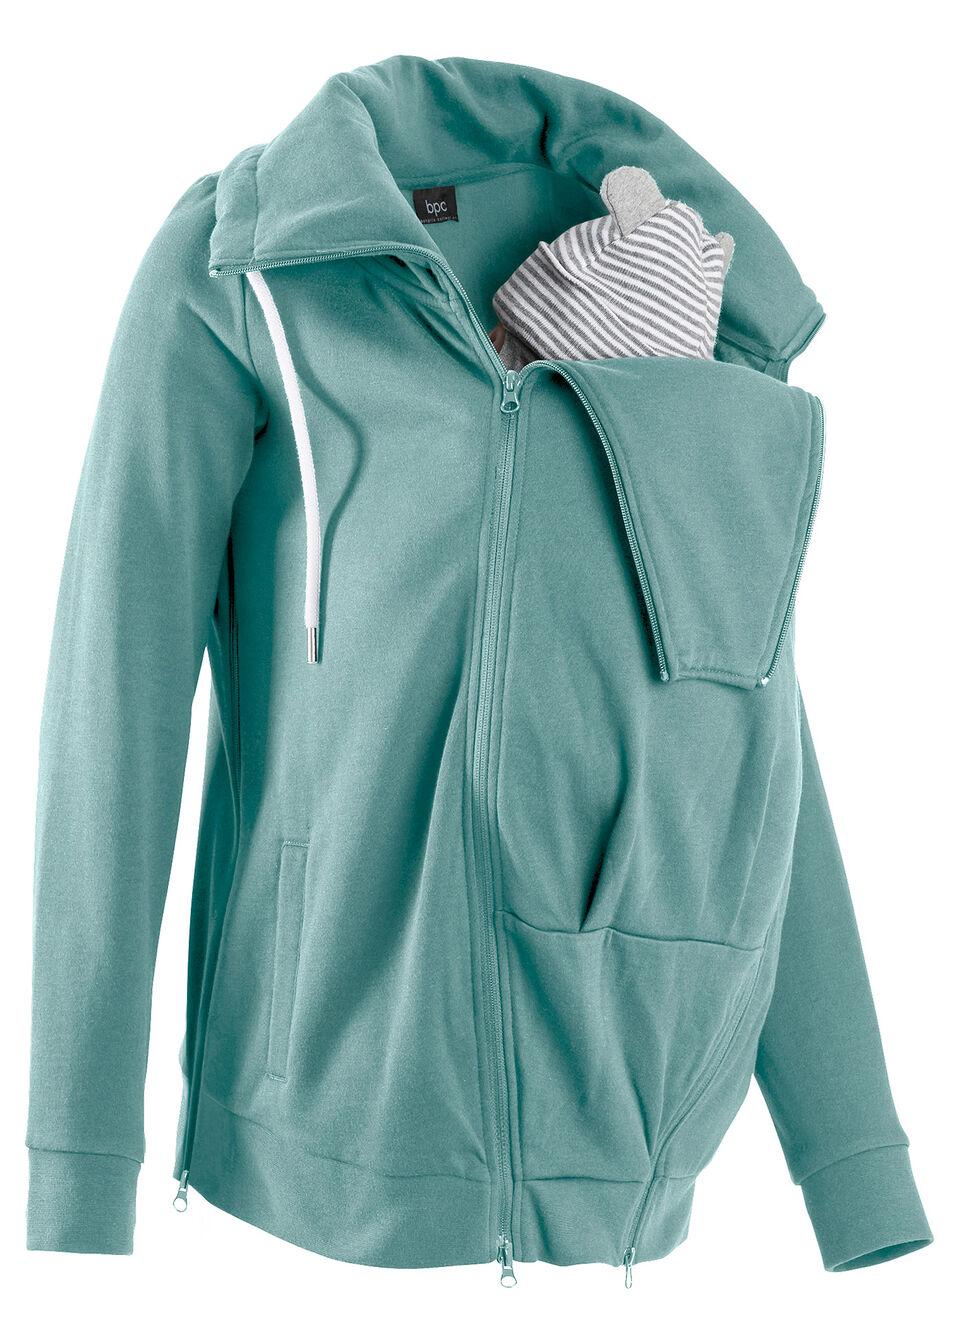 Для будущих мам: трикотажная куртка с вставкой для малыша от bonprix